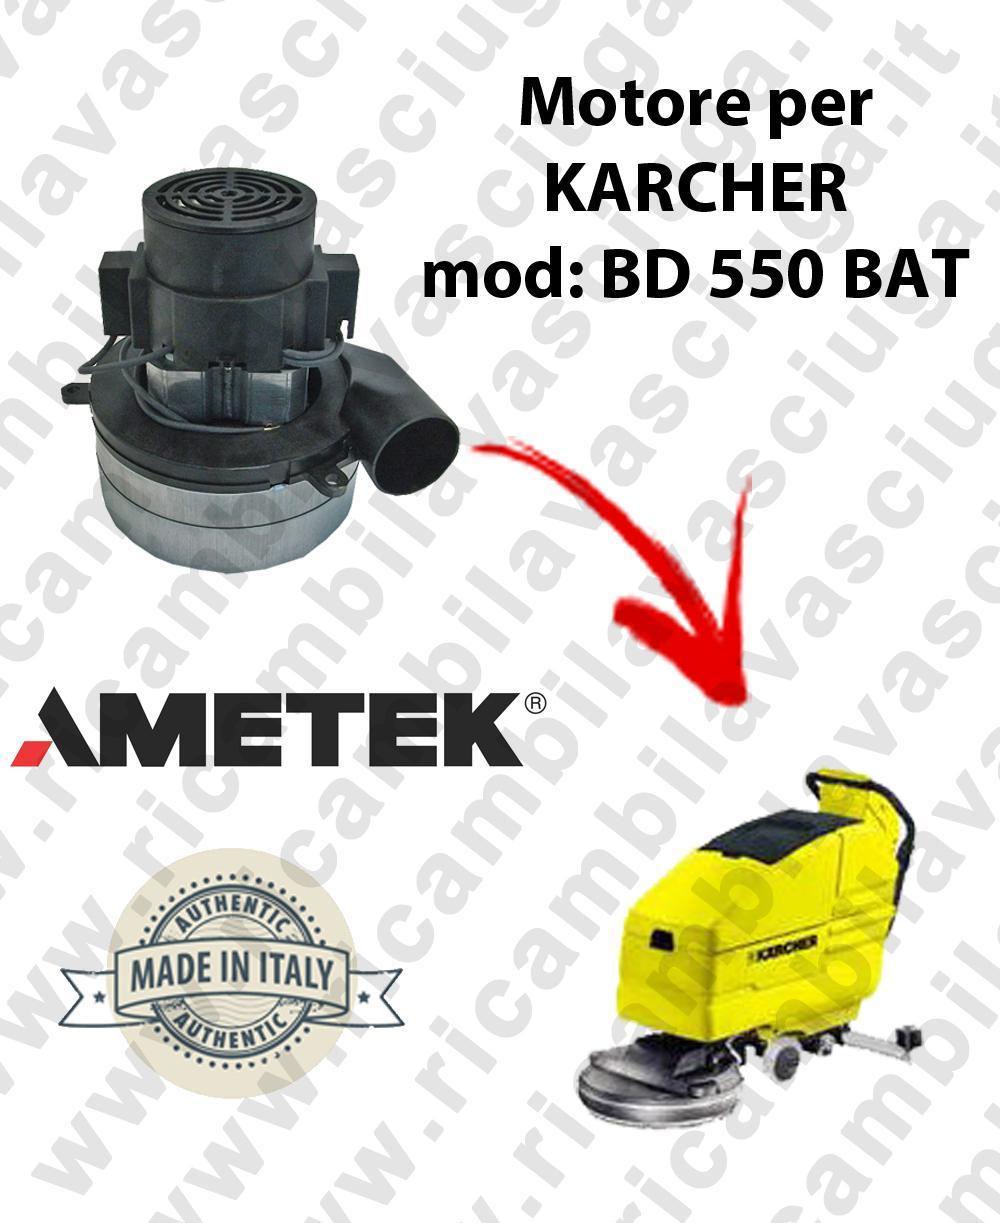 BD 550 BATT MOTEUR AMETEK aspiration pour autolaveuses KARCHER